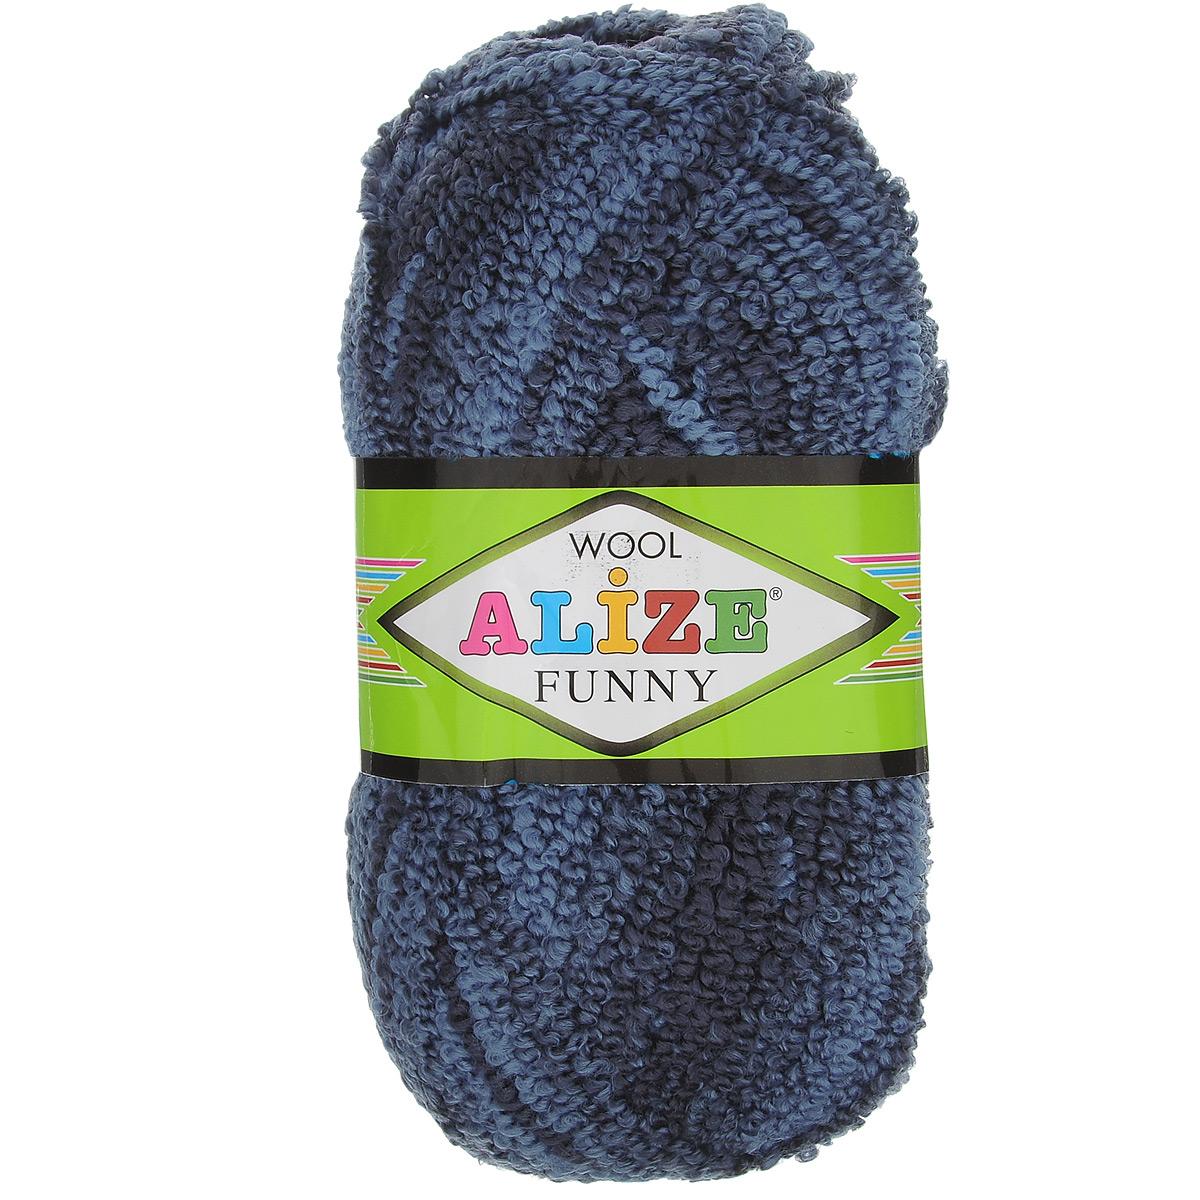 Пряжа для вязания Alize Wool Funny, цвет: синий, голубой (1003), 170 м, 100 г, 5 шт364110_1003Пряжа для вязания Alize Wool Funny изготовлена из акрила, шерсти и полиэстера. Шерстяную пряжу лучше использовать для вязания верхней одежды. У нее более толстая и прочная нить. Вещи, связанные из такой пряжи, прекрасно согревают и при правильном уходе долго носятся. В качестве моделей для вязки можно рекомендовать плотные вещи: пальто, осенние длинные кардиганы, пончо, болеро, мужские свитера. Рассчитана на любой уровень мастерства, но особенно понравится начинающим мастерицам - благодаря толстой нити пряжа Alize Wool Funny позволяет быстро связать простую вещь. Структура и состав пряжи максимально комфортны для вязания. Рекомендованные спицы для вязания: № 6-7 мм. Комплектация: 5 мотков. Состав: 73% акрил, 20% шерсть, 7% полиэстер.